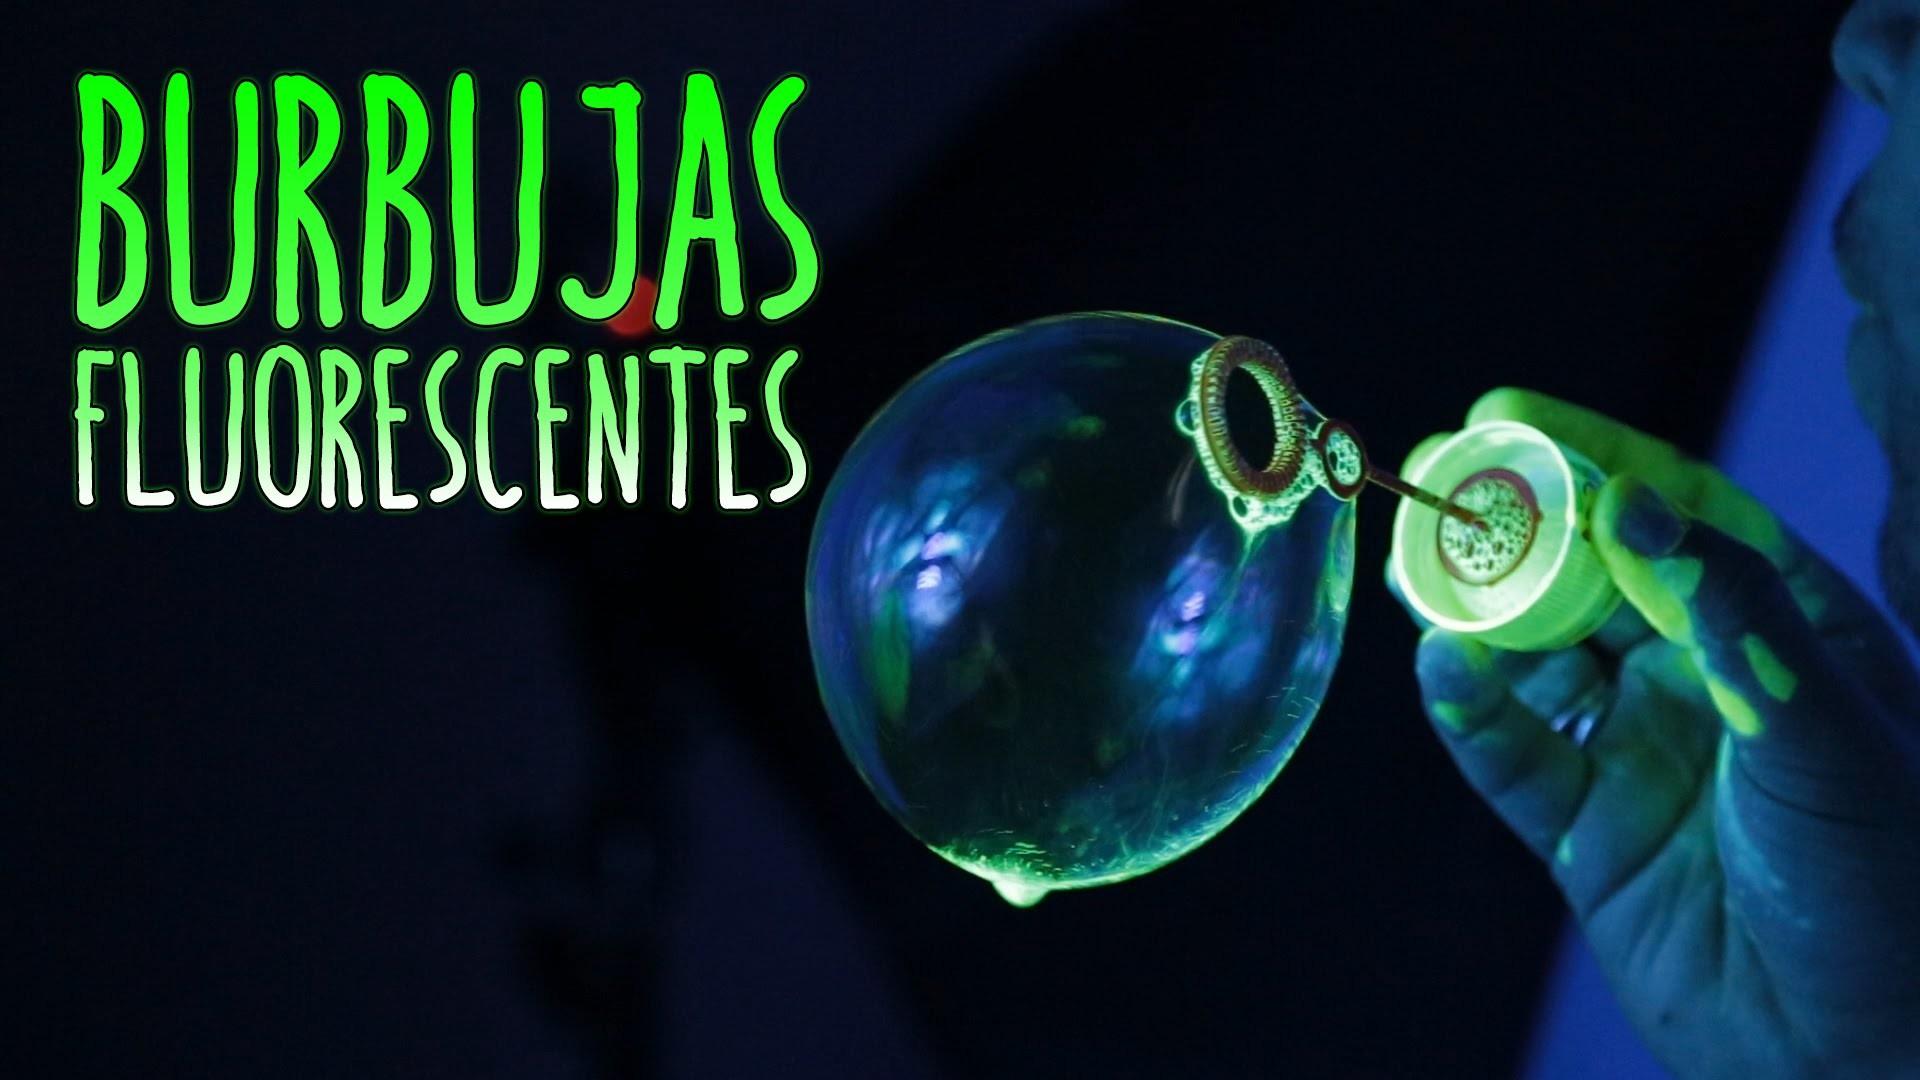 Cómo hacer burbujas fluorescentes (Experimentos Caseros para niños)